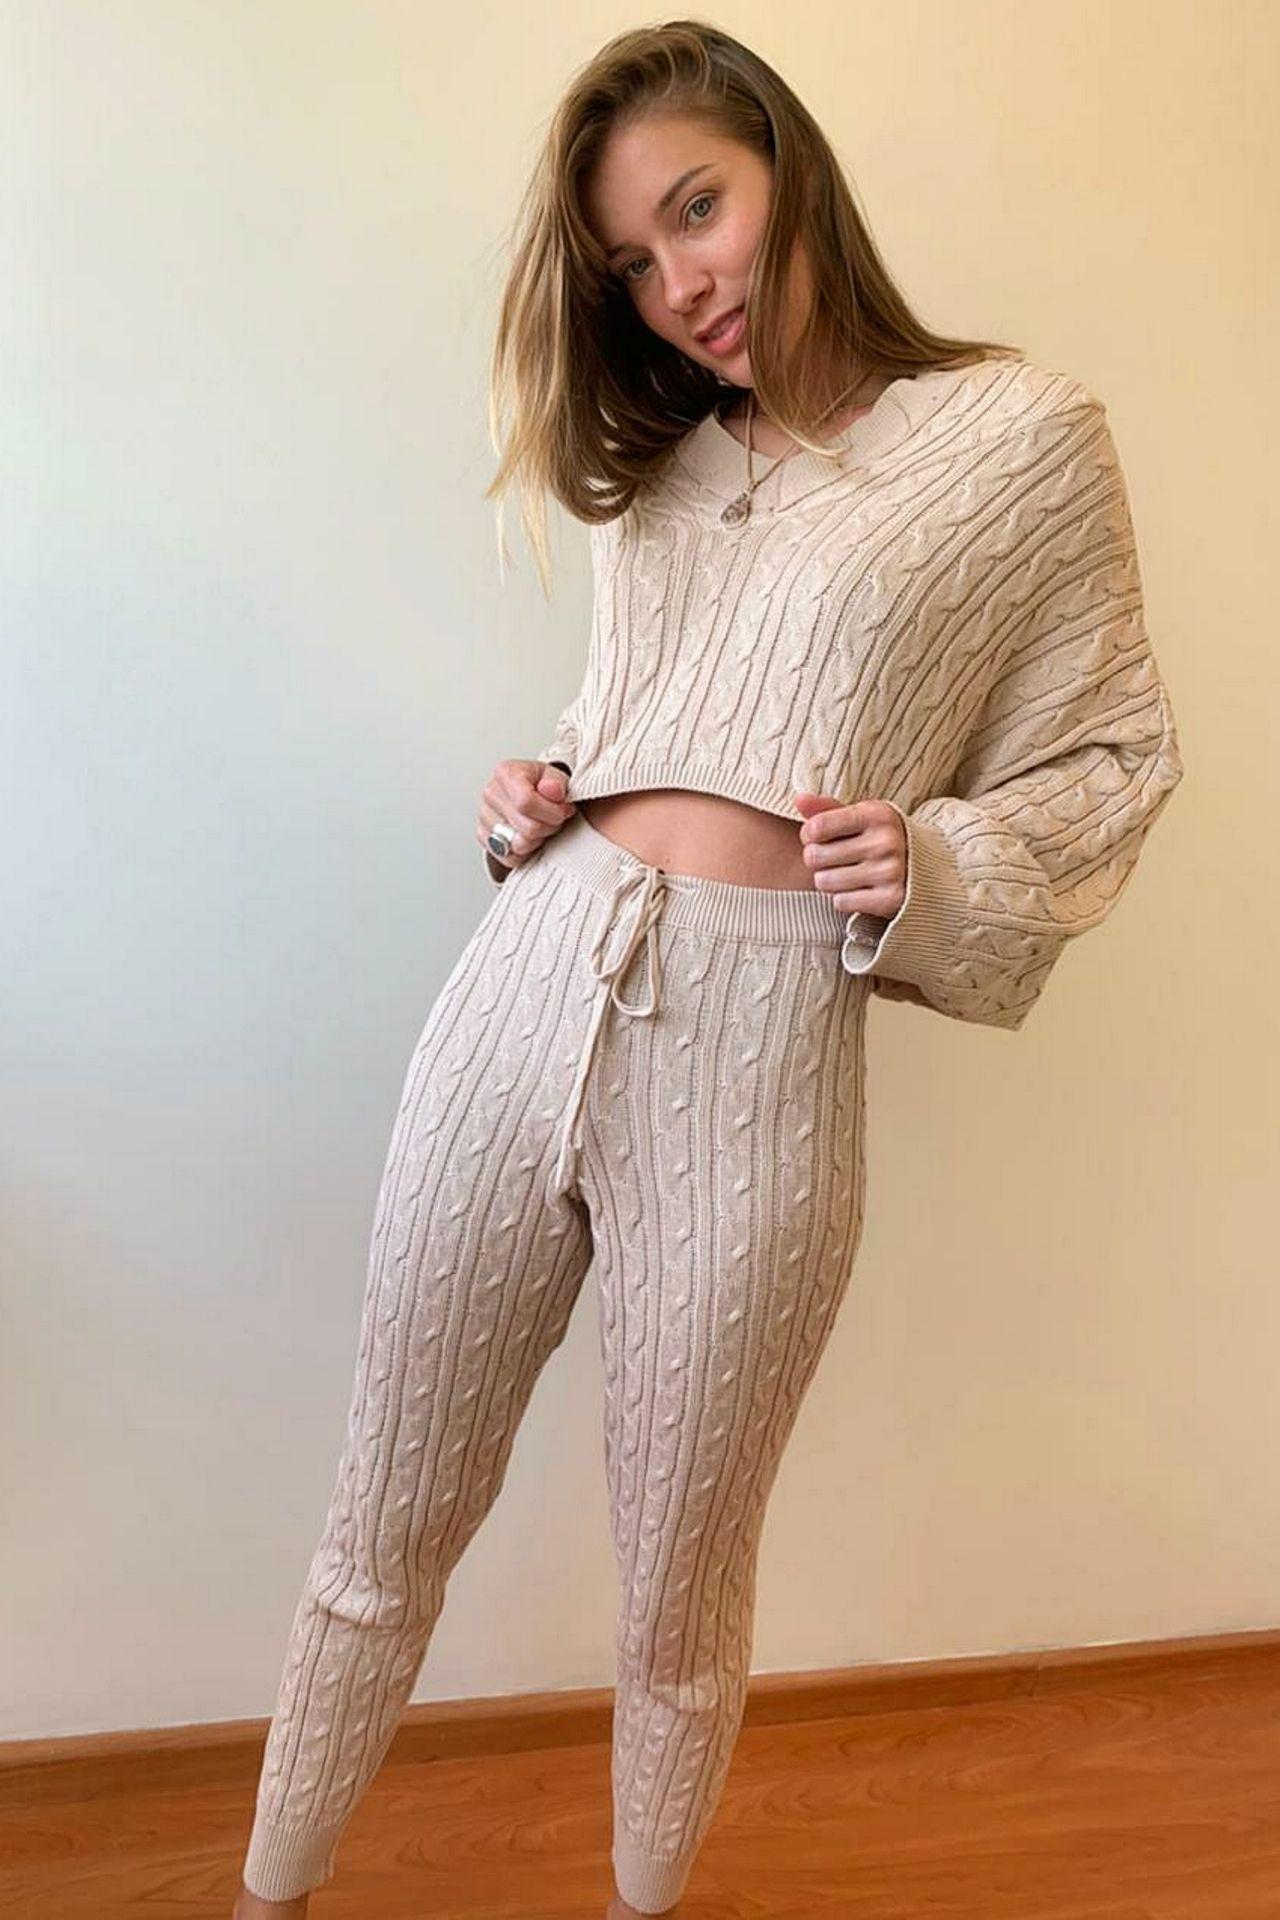 Pantalón tejido, con pitas que regulan la pretina, diseño punto trenzado & canales,un #musthave para esta temporada.  Material : Hilo algodón peruano.  Cintura:63-75 cm  Cadera:92-102cm